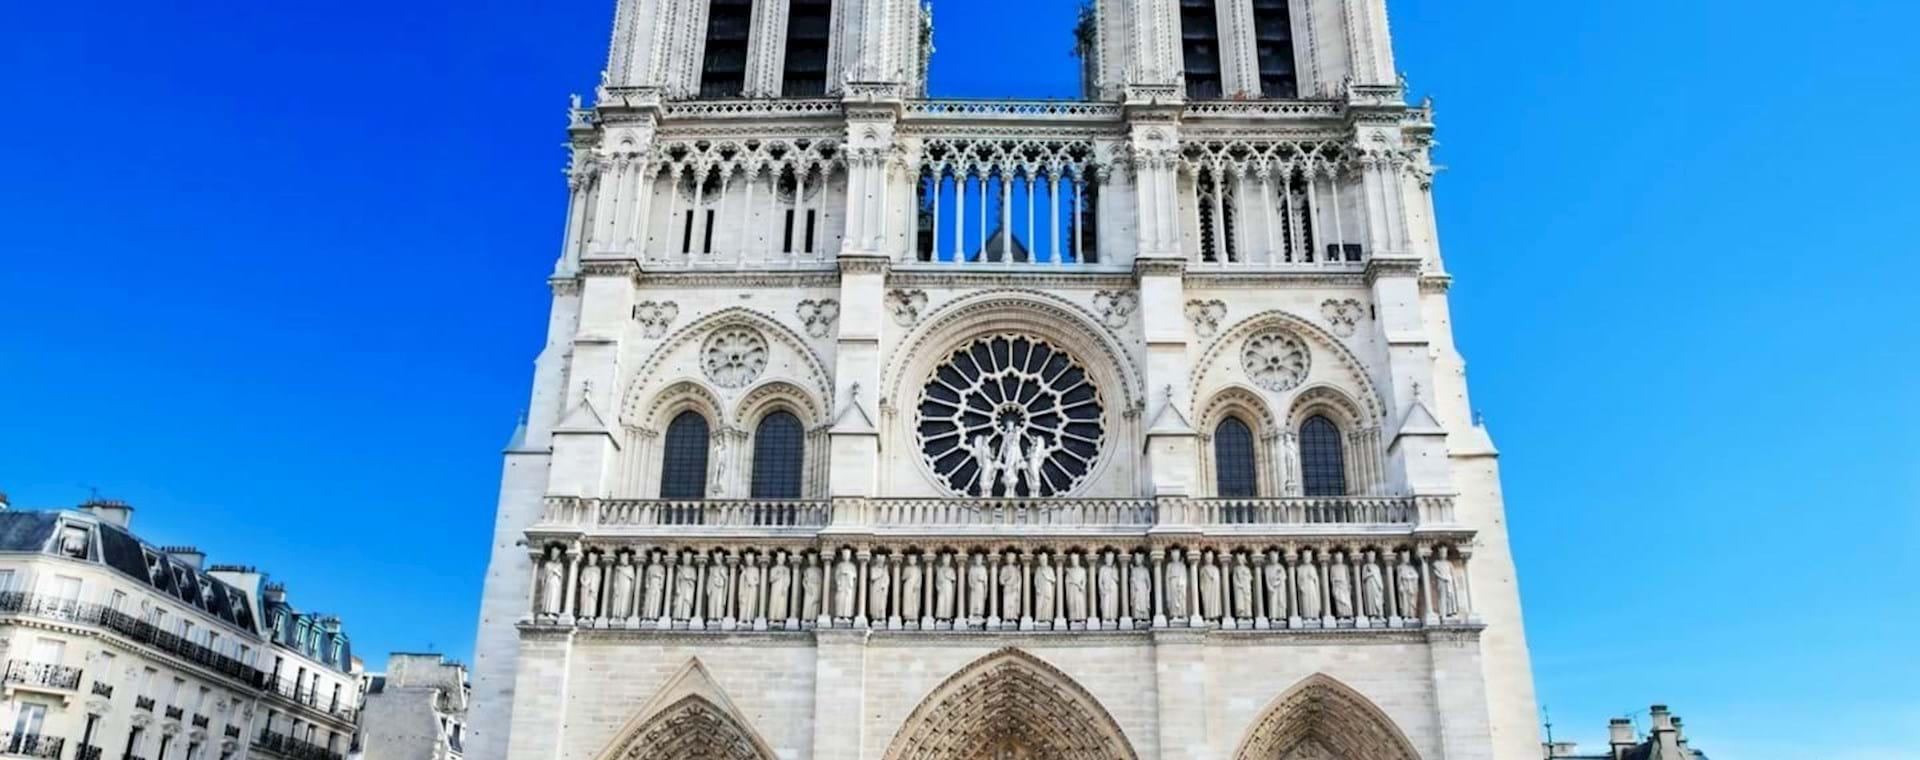 Notre Dame Tour with Towers & Île de la Cité